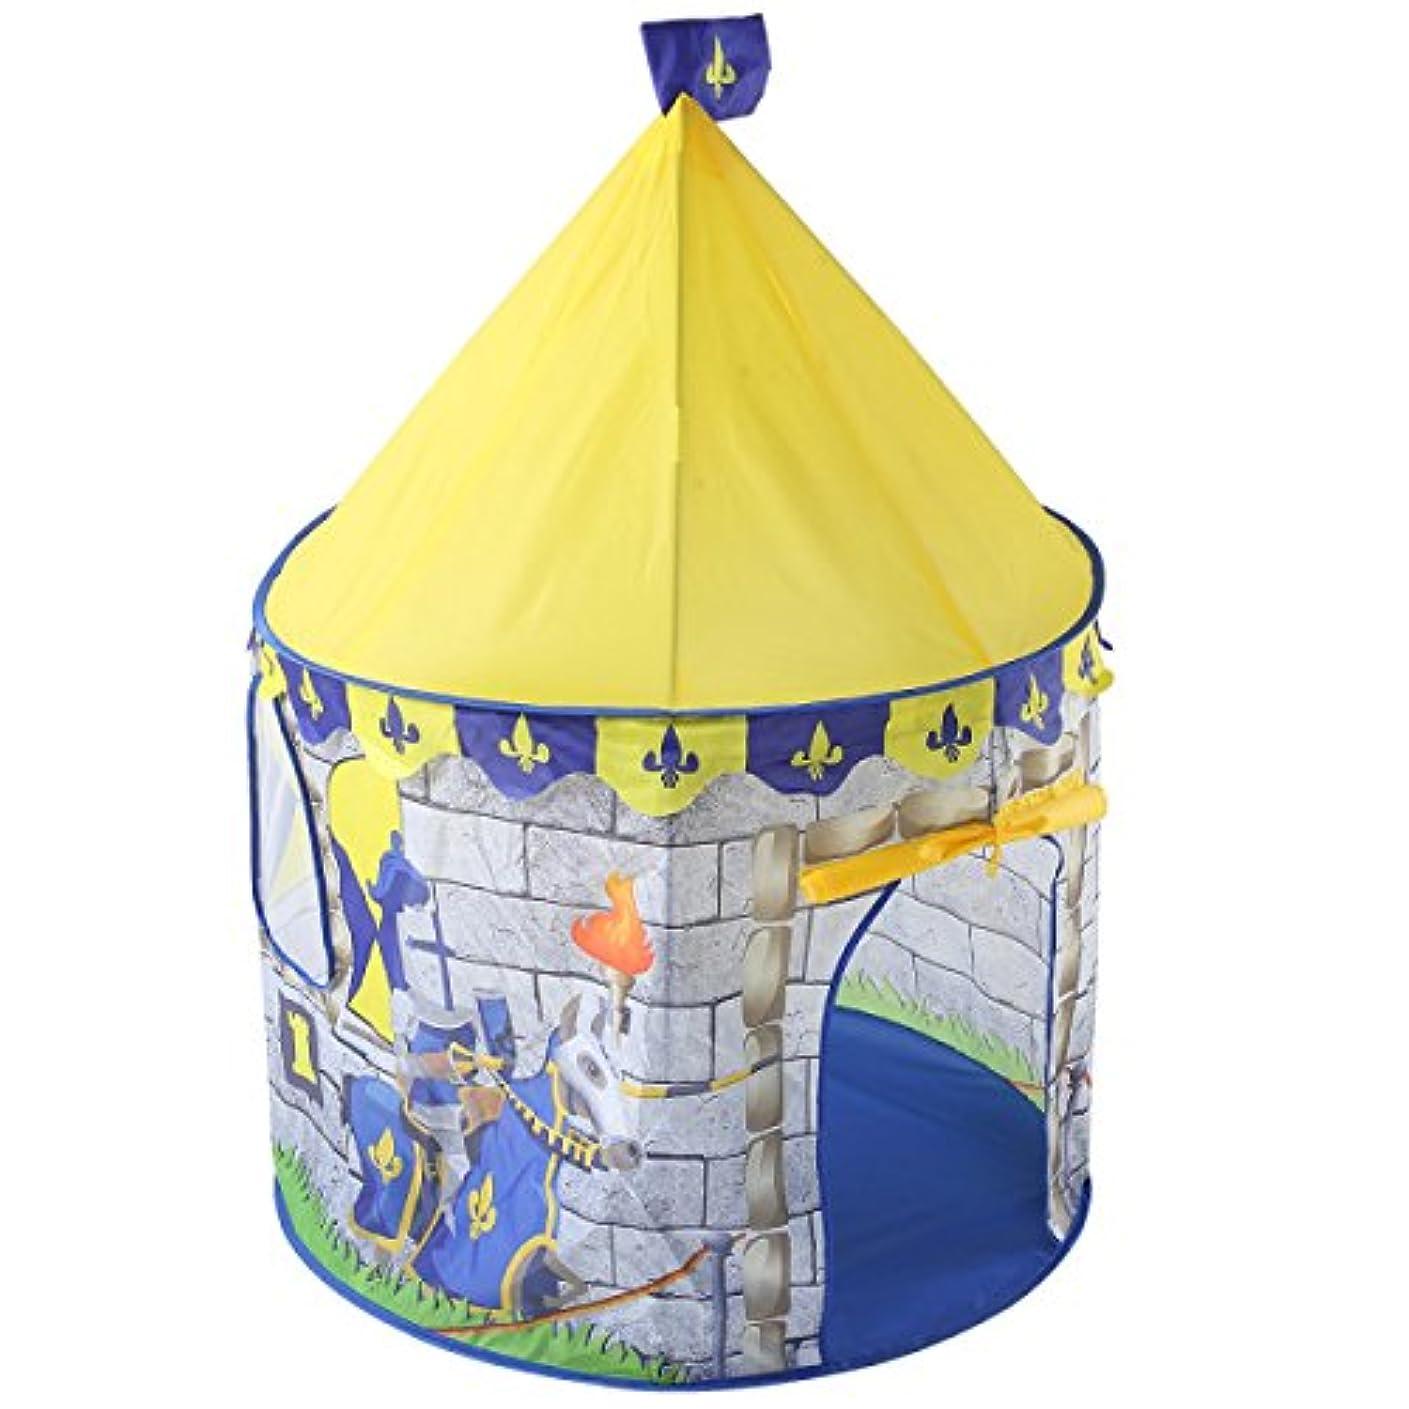 床を掃除するニコチンサイズLWT 子供たちはテントを遊ぶベビーおもちゃ屋外ゲームルームベビーキャッスルオーシャンボールプール